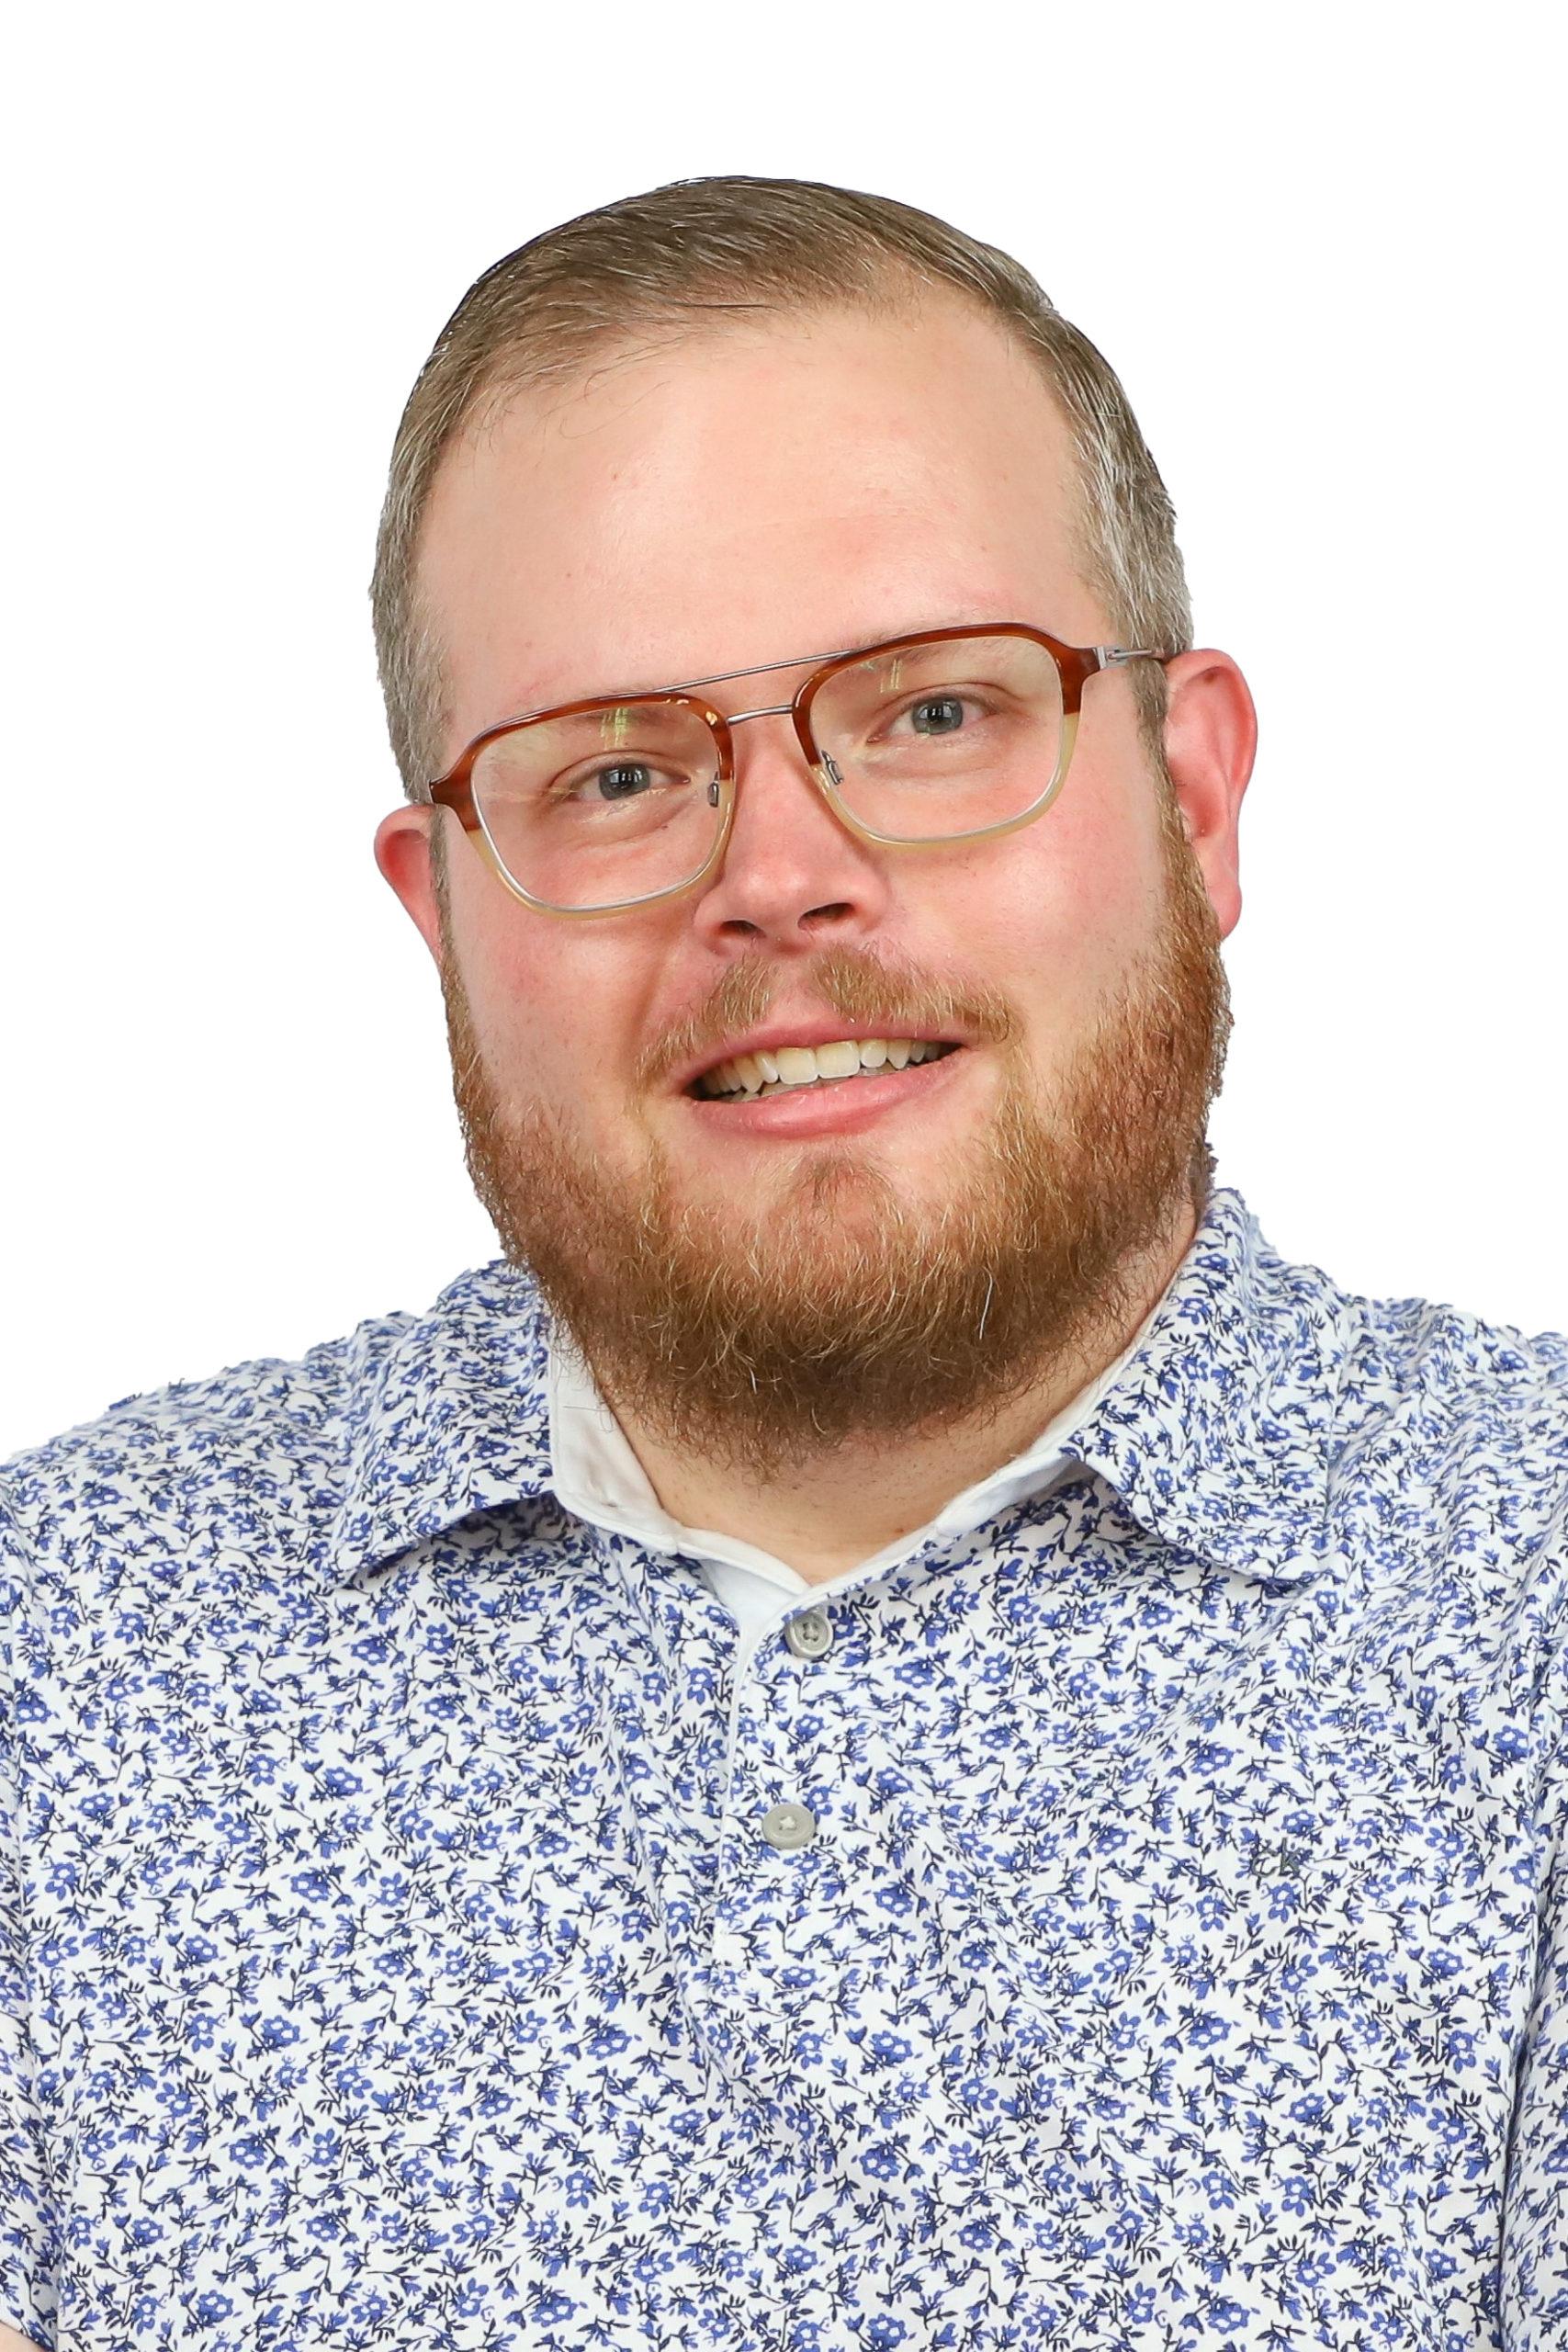 Jeffrey Dokter